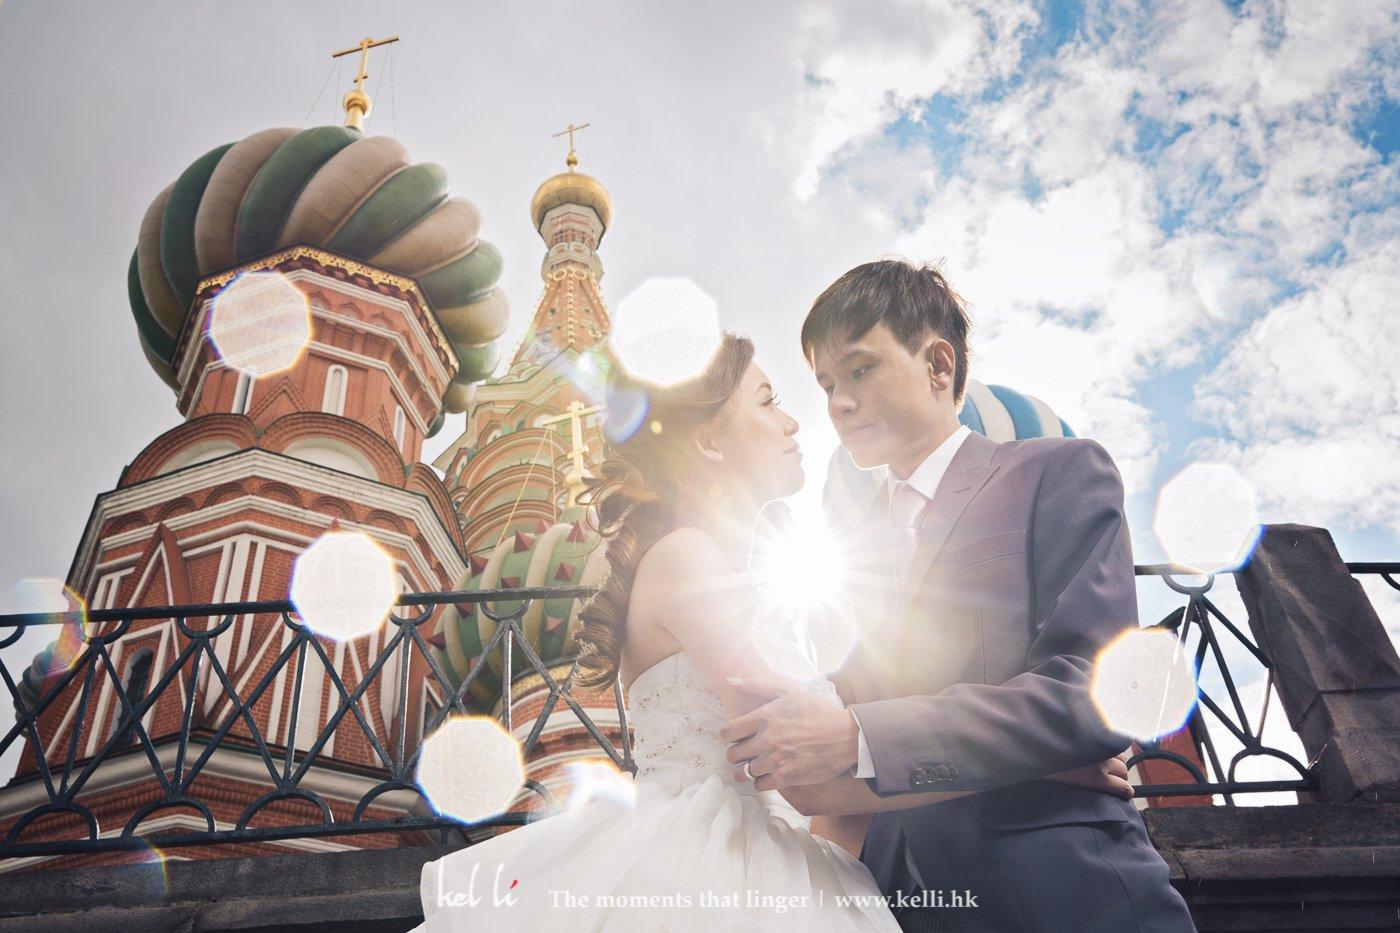 當天部份時間是下著雨,雨點打在鏡頭形成的光斑,在莫斯科地標-聖瓦西裏升天教堂襯托下份外美麗